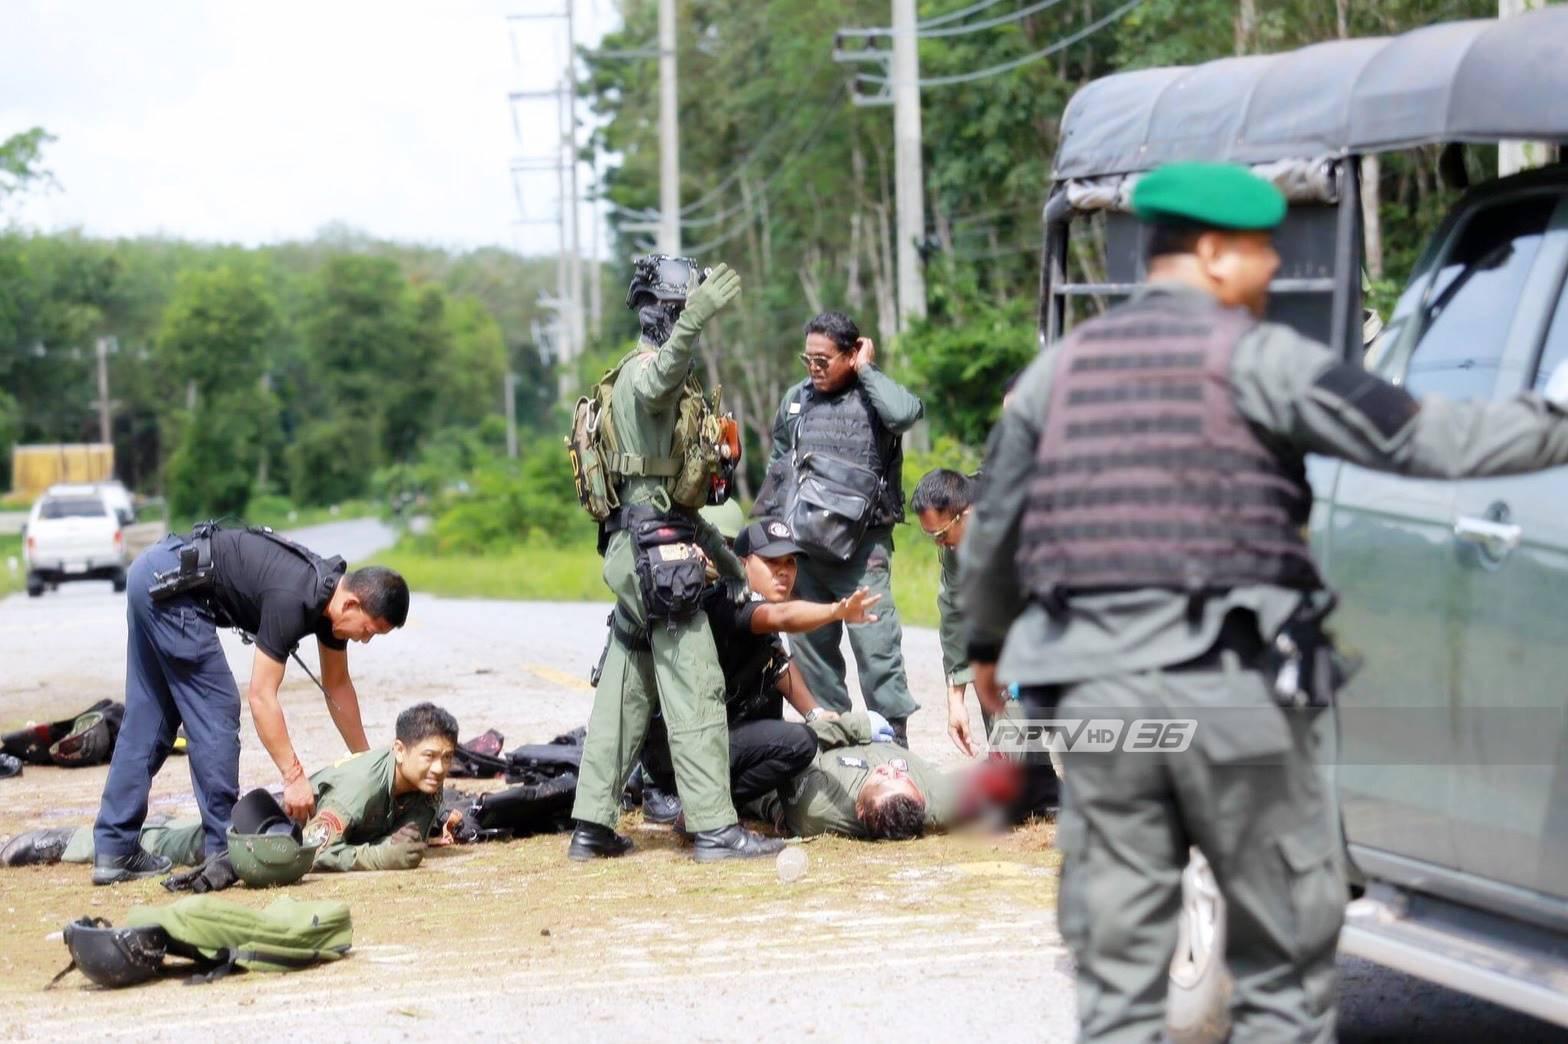 คนร้ายวางระเบิด 2 จุดในยะลา เจ้าหน้าที่-ชาวบ้านเจ็บเกือบ 30 คน